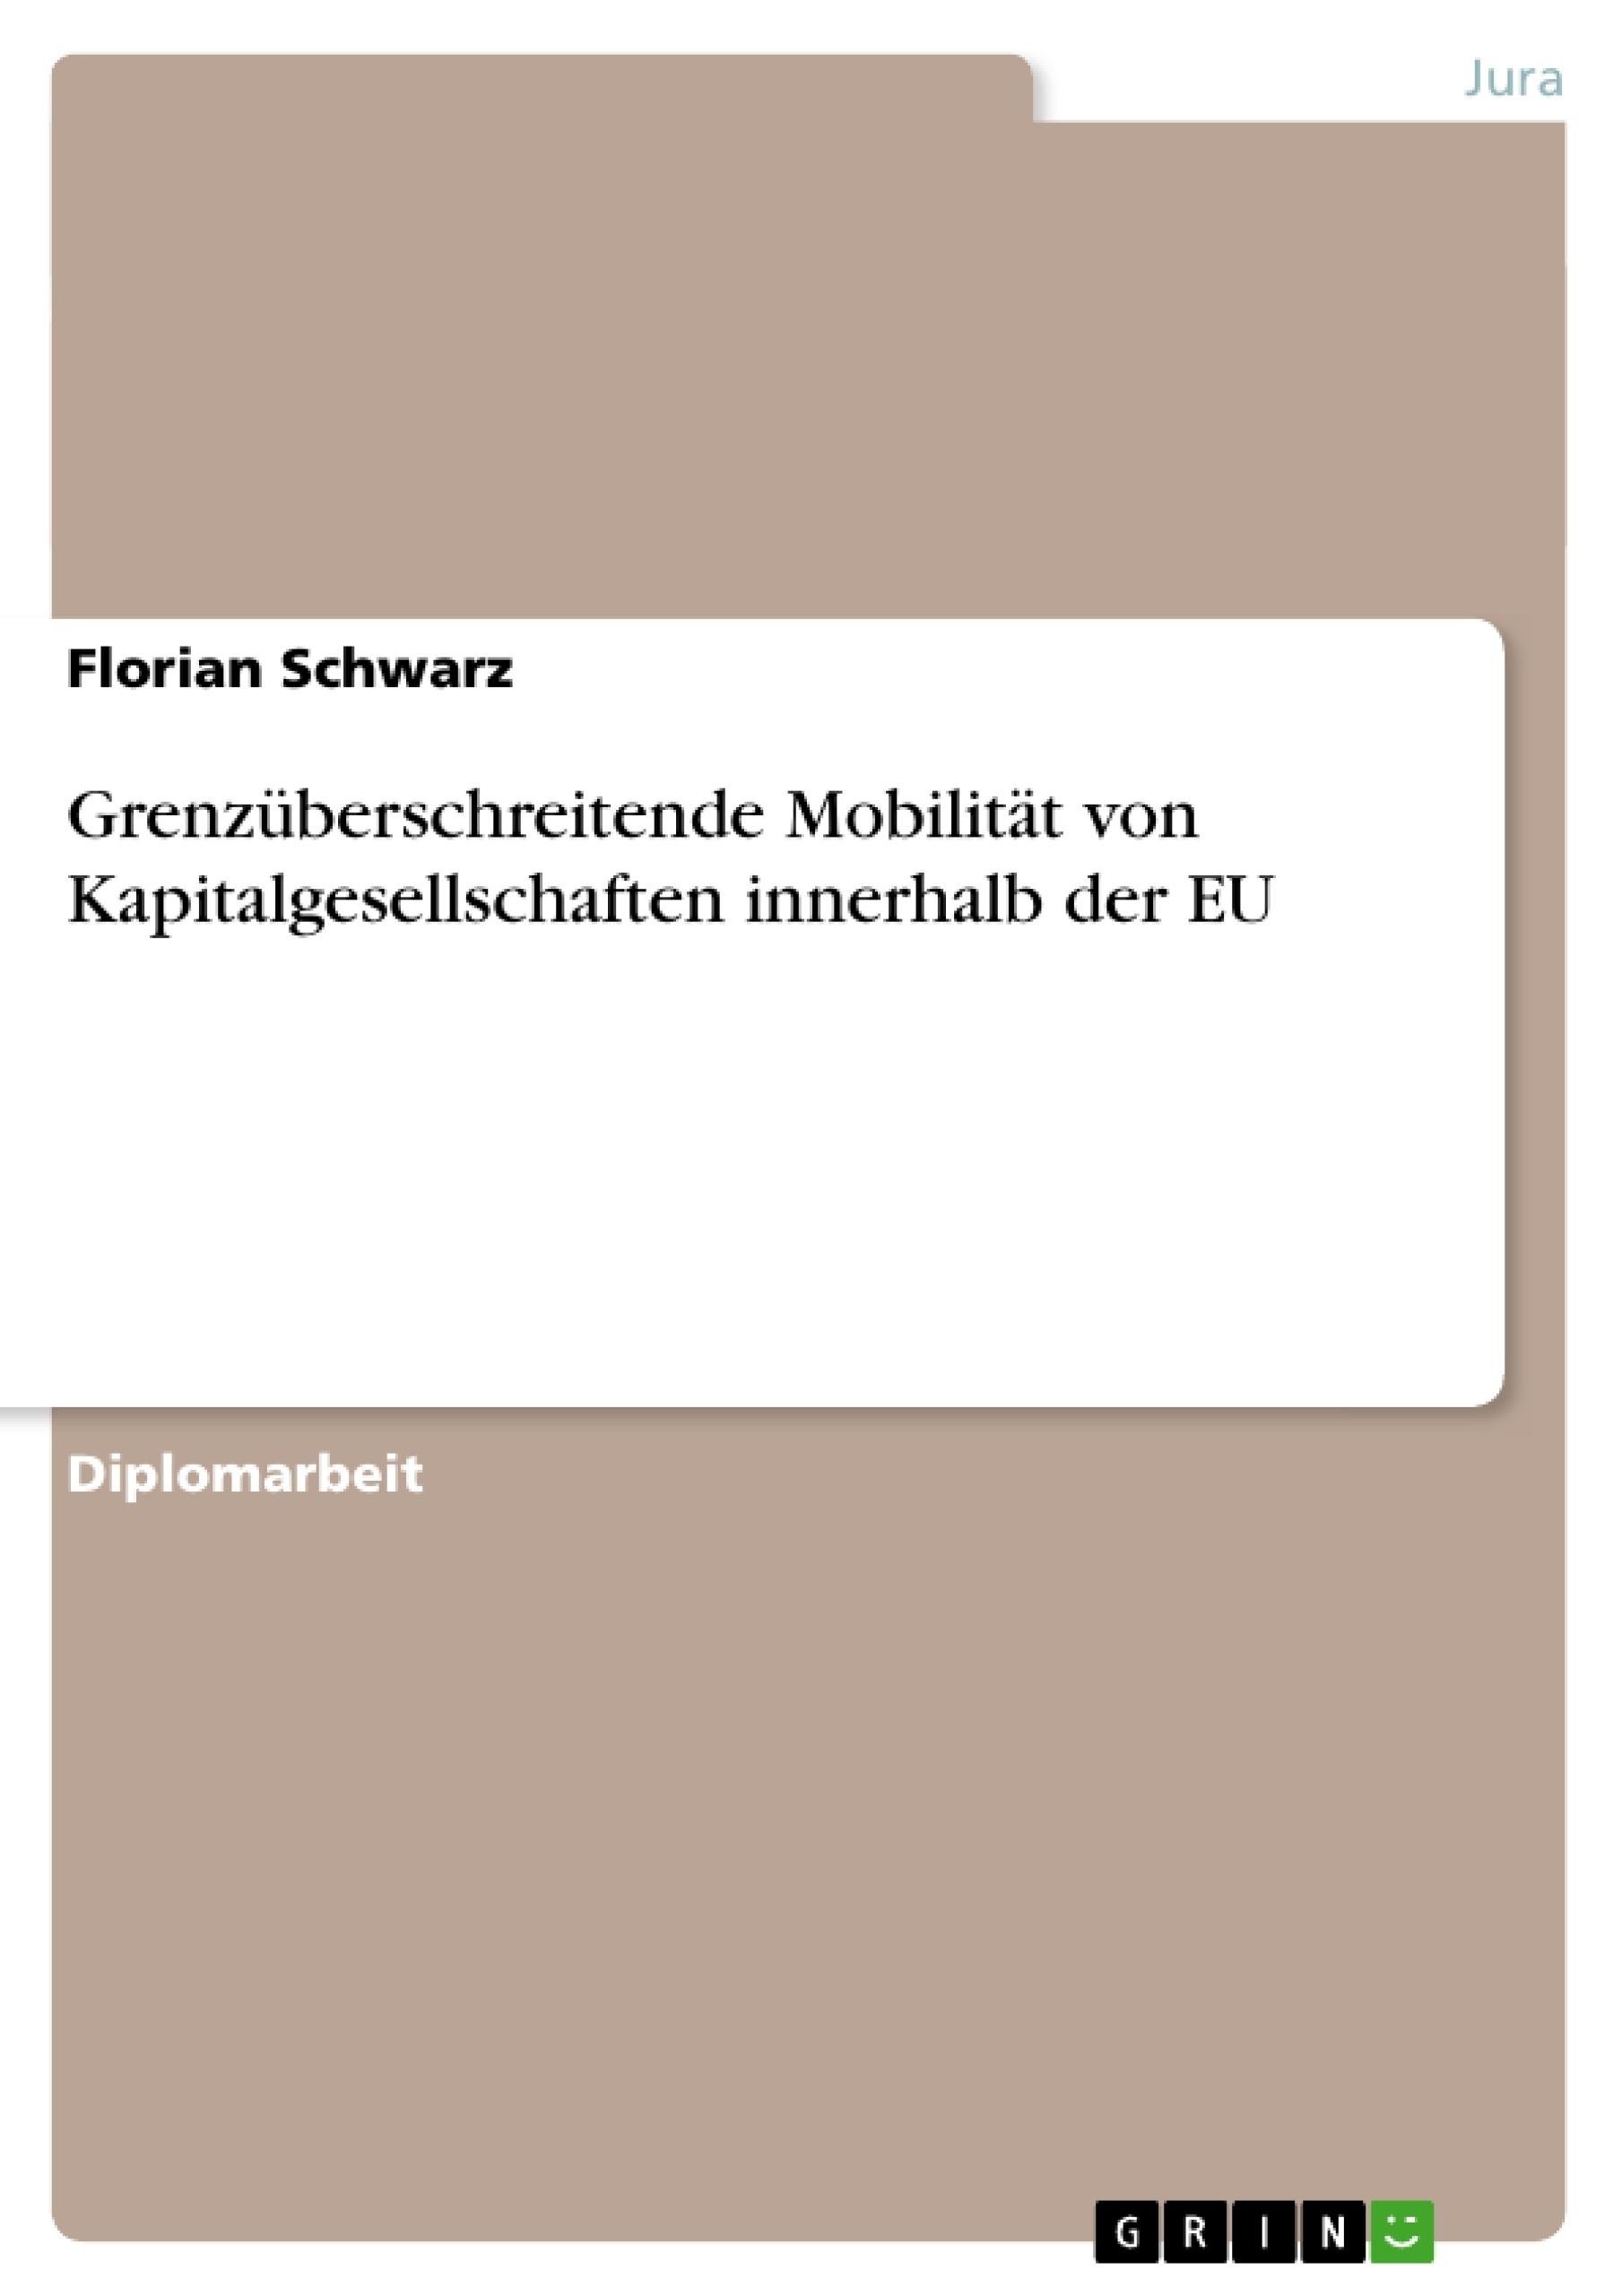 Titel: Grenzüberschreitende Mobilität von Kapitalgesellschaften innerhalb der EU